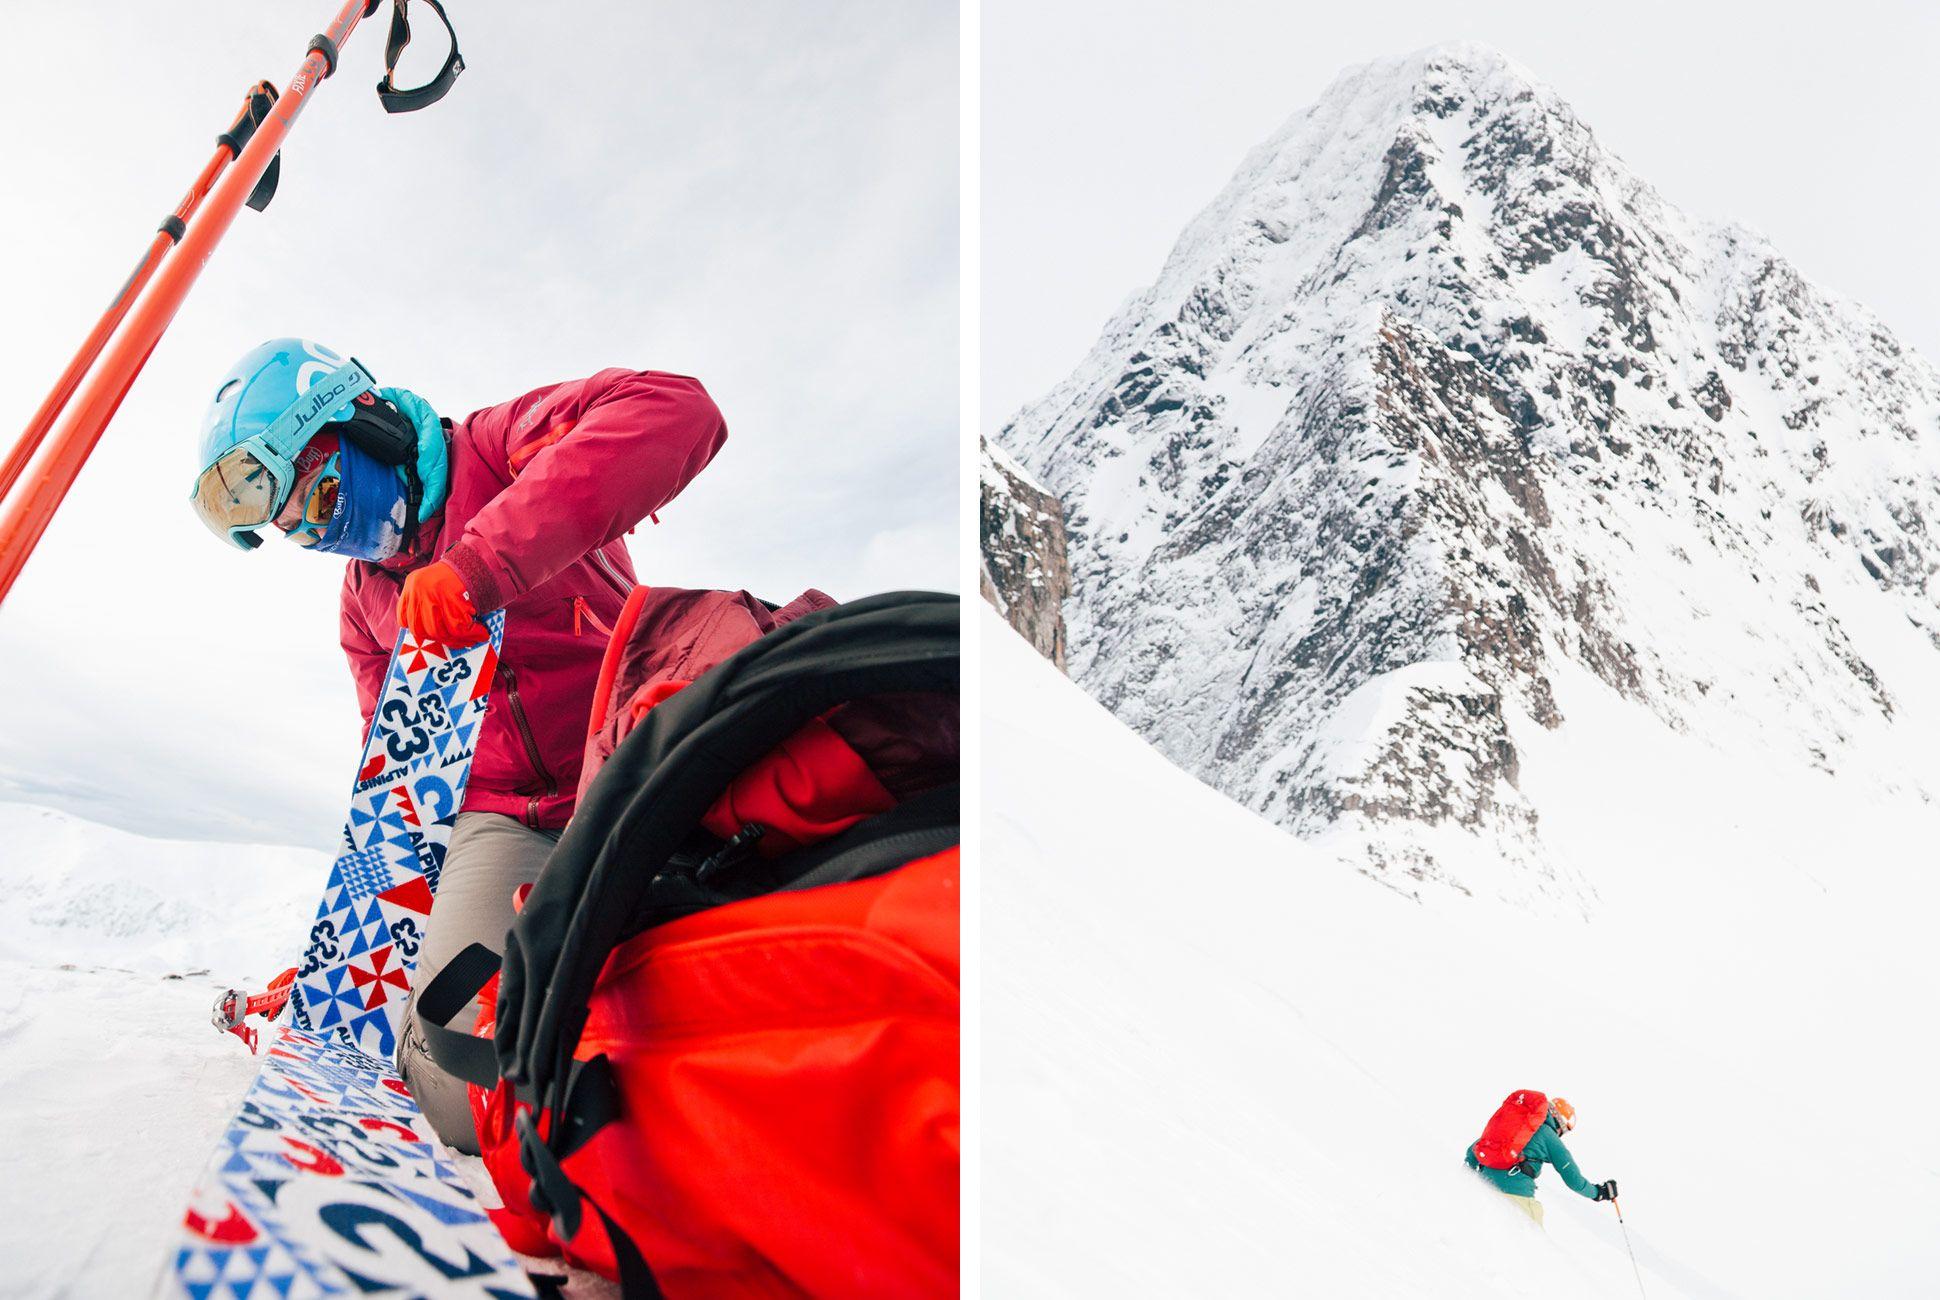 norway-ski-touring-gear-patrol-slide-5